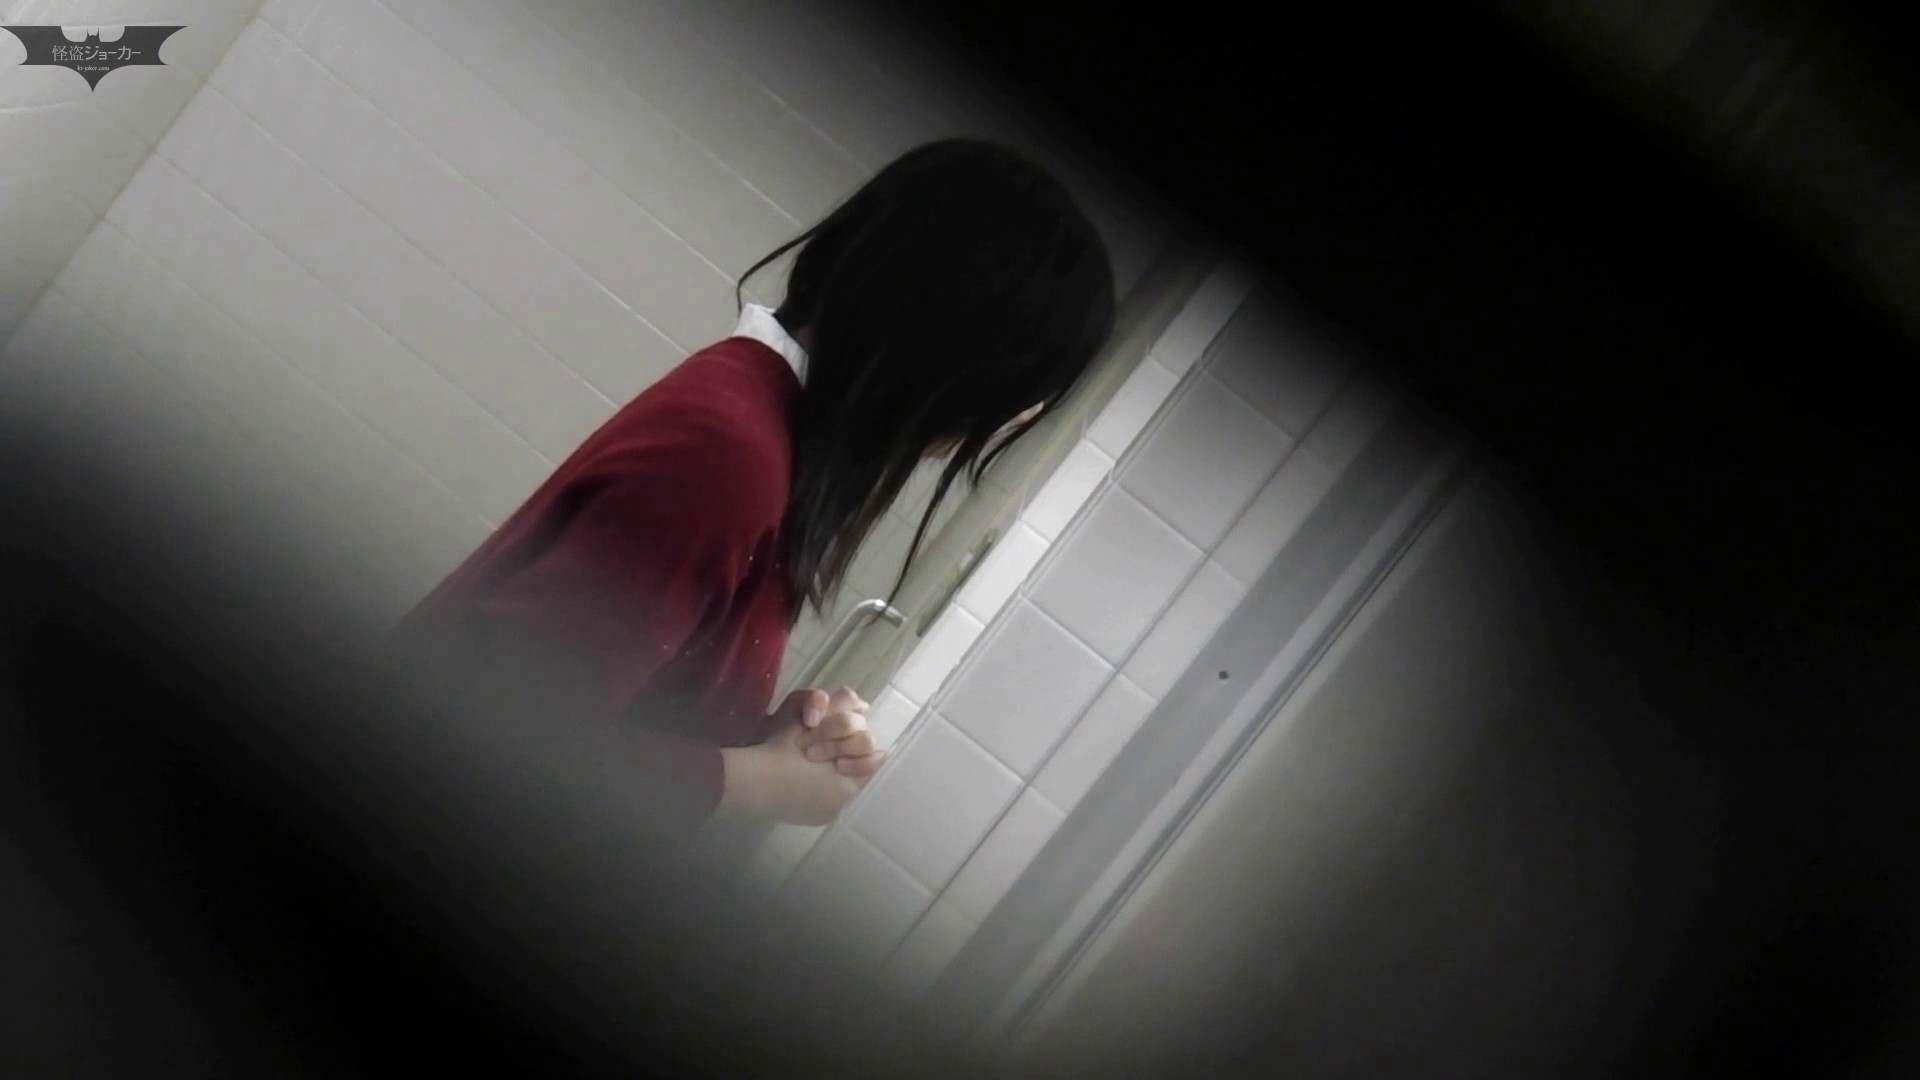 お銀さん vol.59 ピンチ!!「鏡の前で祈る女性」にばれる危機 お姉さん  98PIX 10